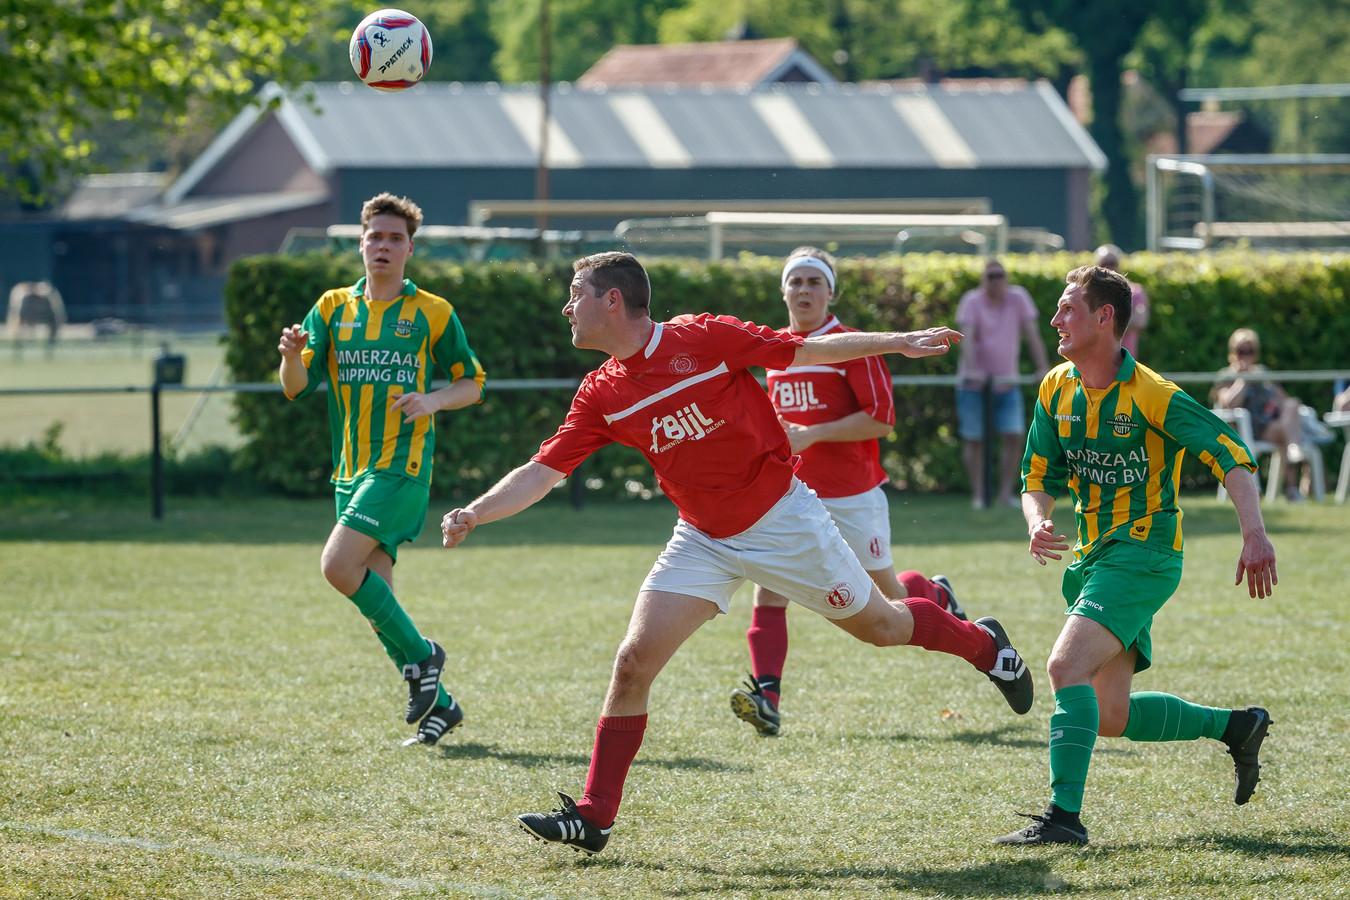 Grenswachters (geel-groen) en Gesta (rood) zijn twee van de vier ploegen die nog rechtstreeks kunnen degraderen.